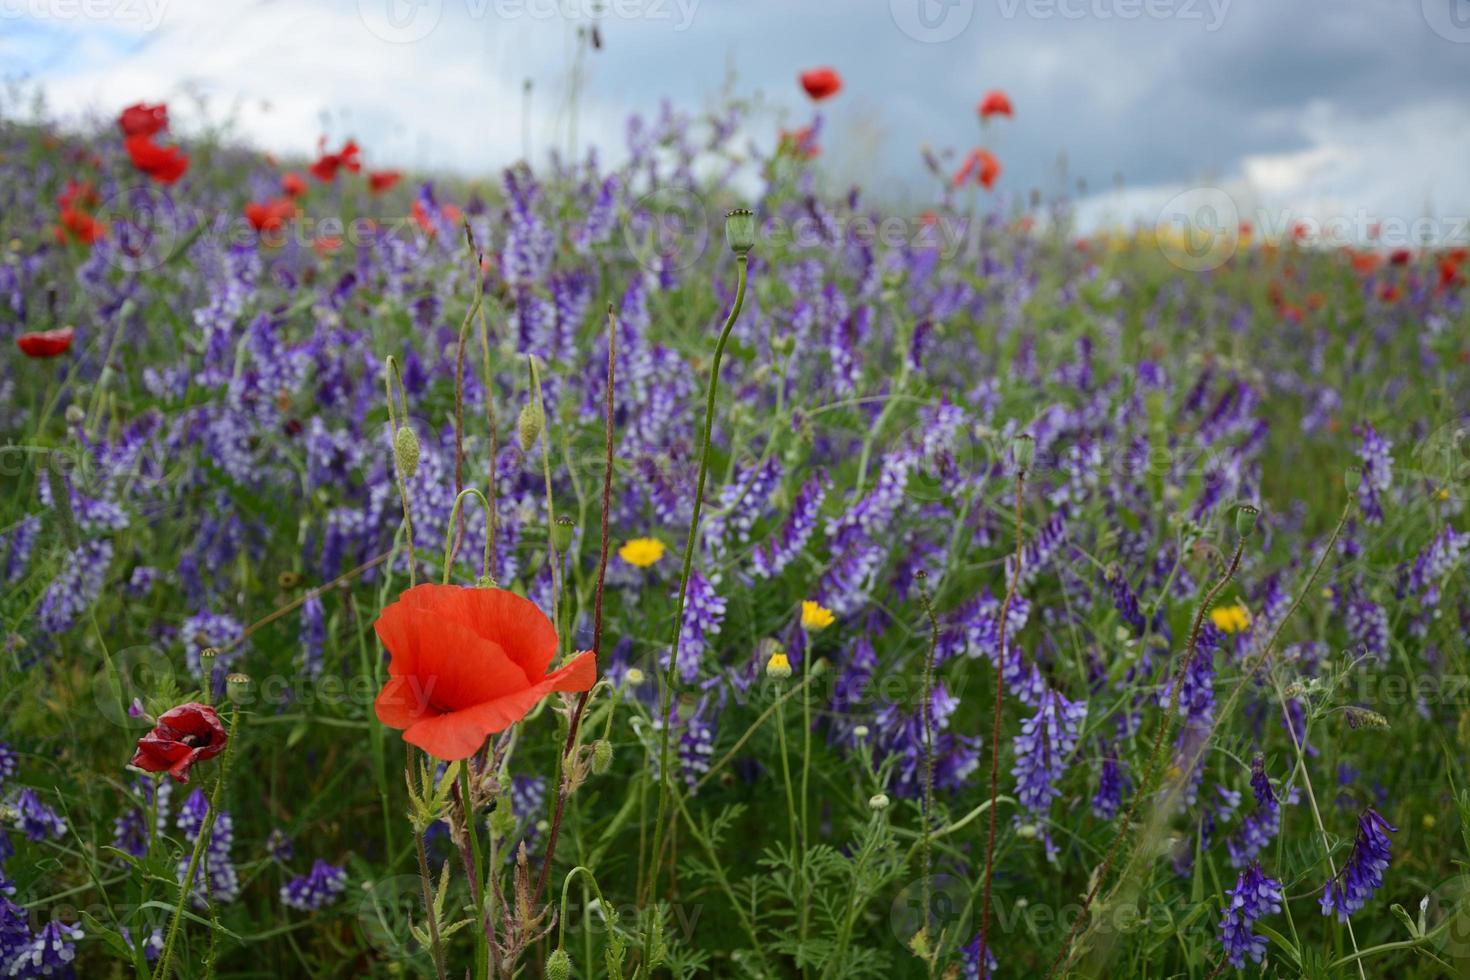 ländliche Landschaft - Lavendel und rote Mohnblumen foto